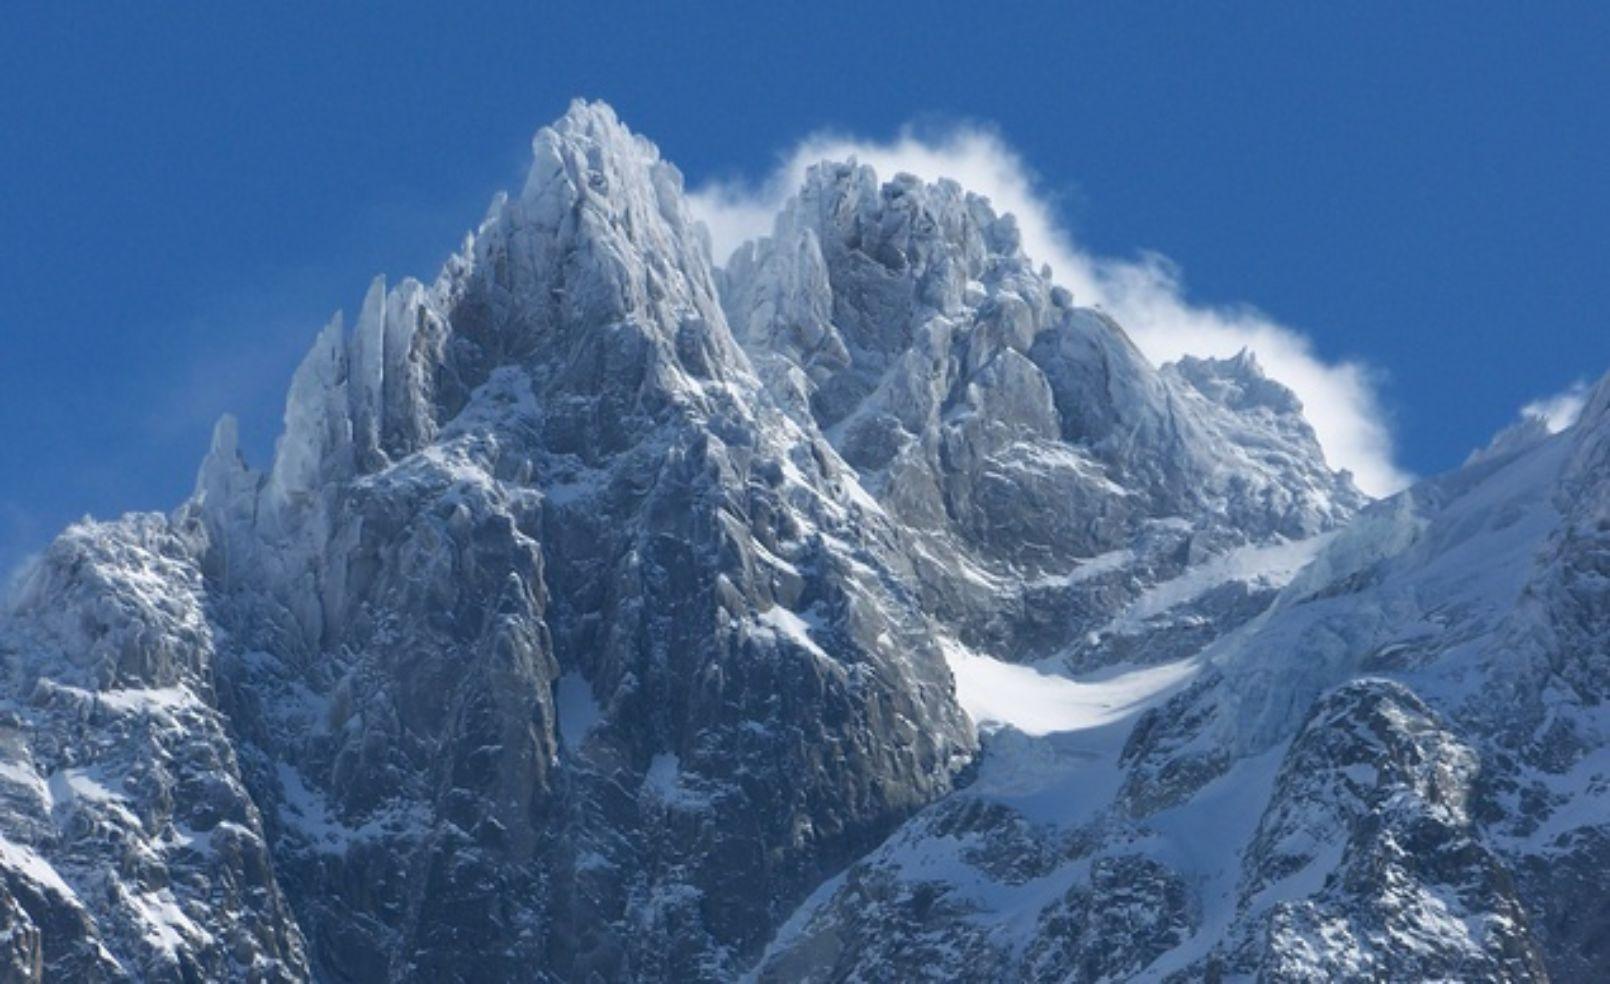 оптимальные лучшие фото горы монт бланк обладающие уникальным